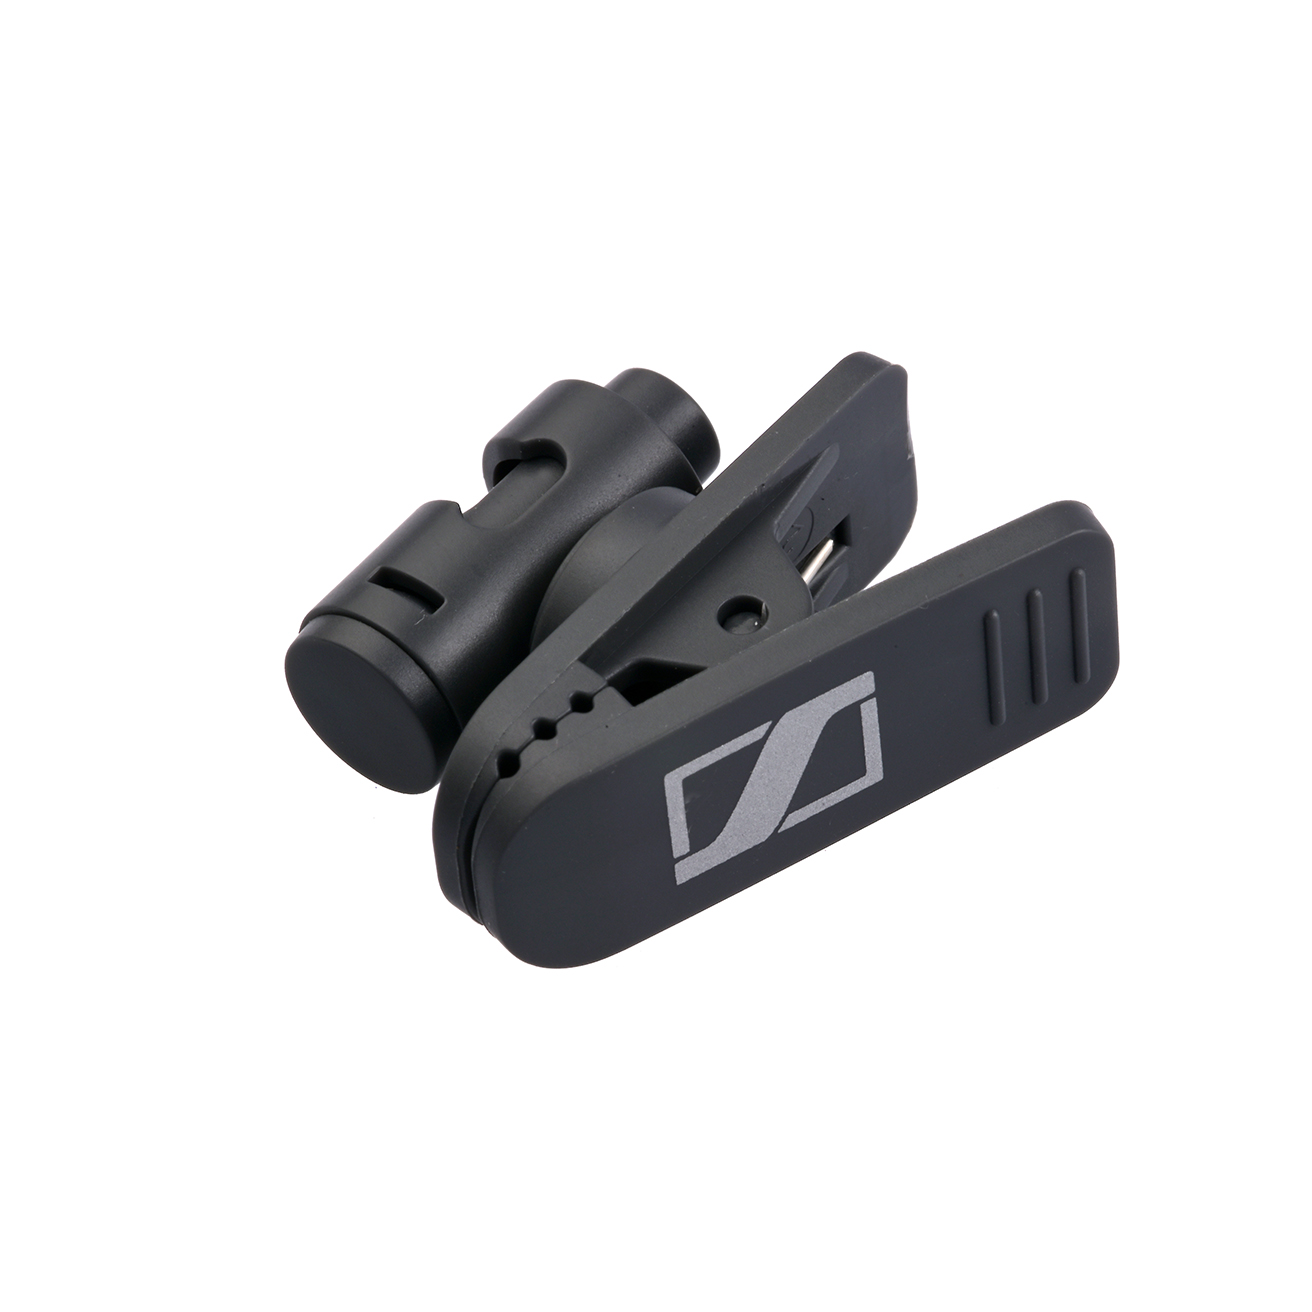 Cable clip HZC 09